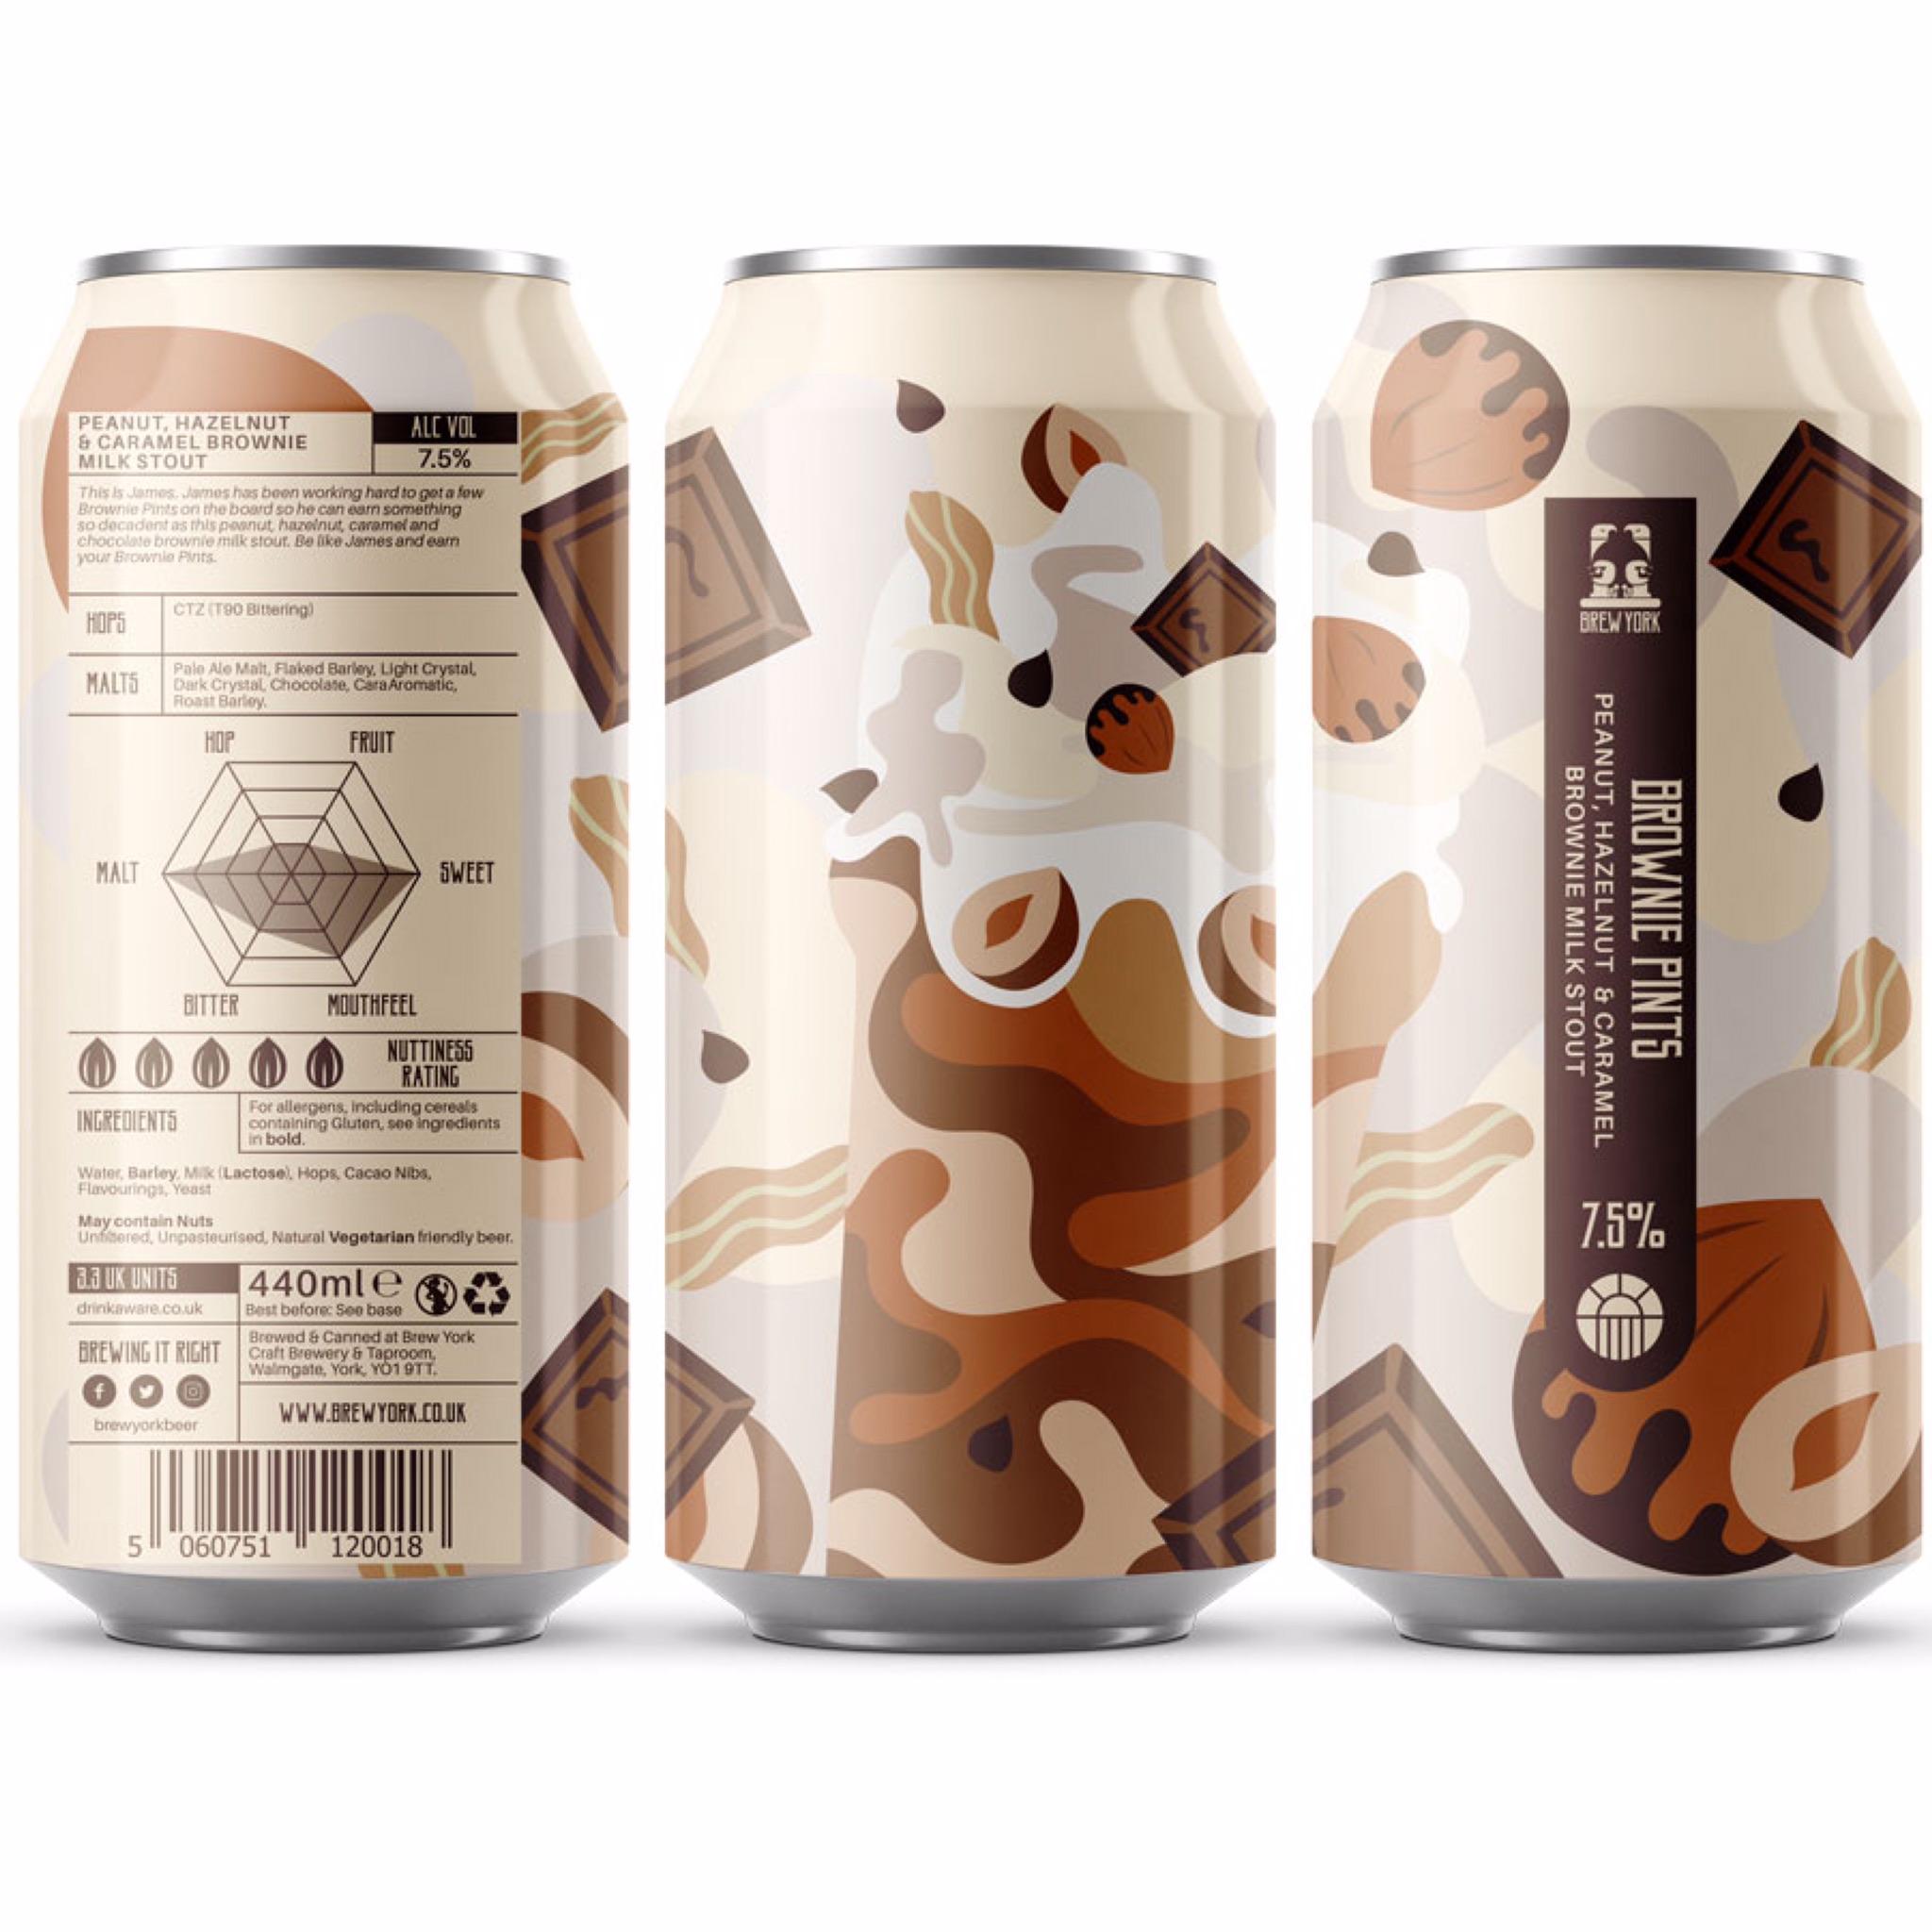 Brownie Pints - Peanut, Hazelnut & Caramel Brownie Milk Stout 7.5% 440ml Brew York